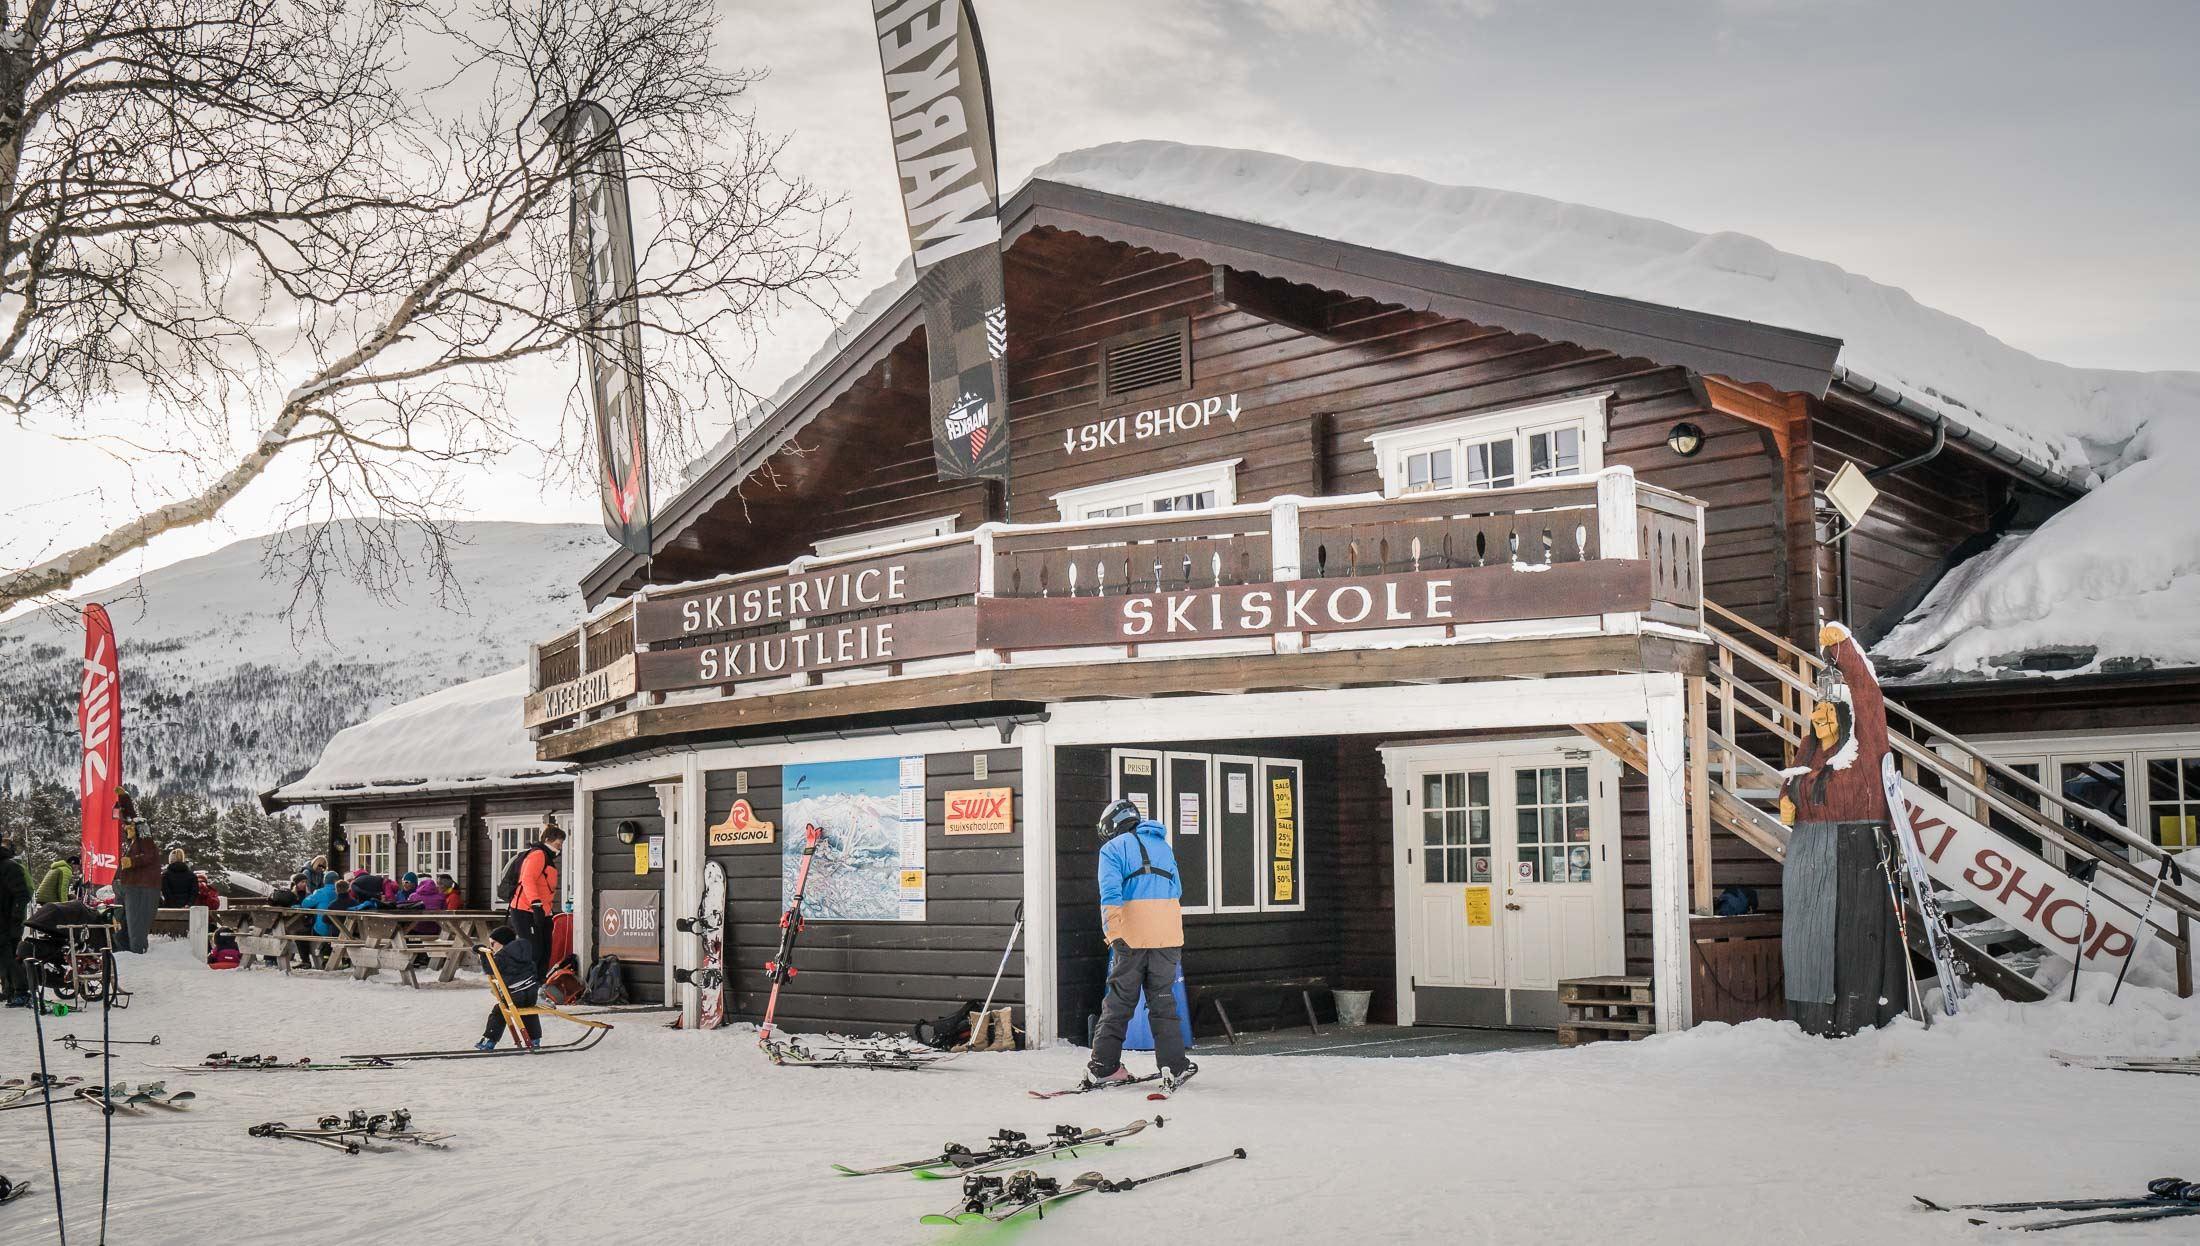 Bjorli ski school and ski rental